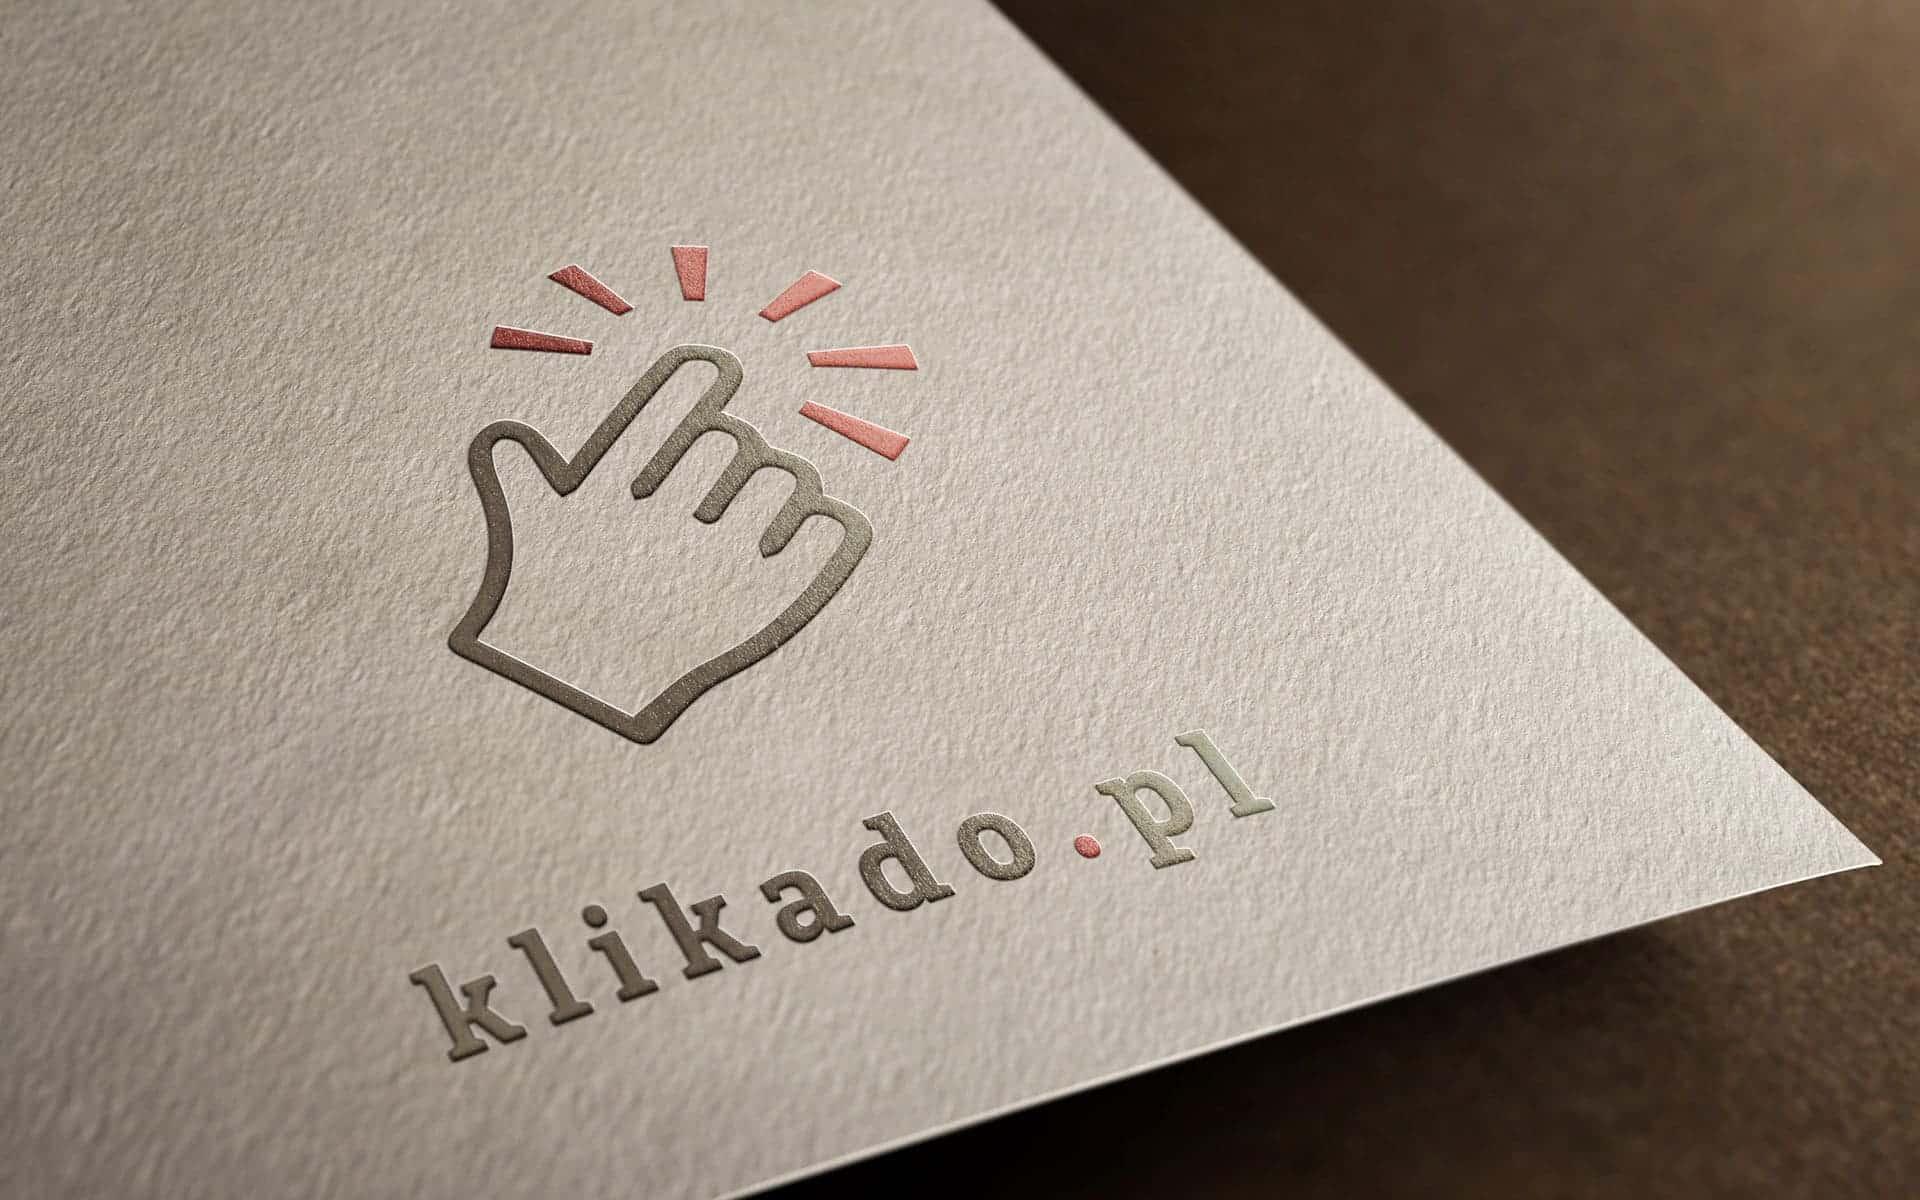 Tworząc logo, warto zastanowić się jak będzie prezentować się na różnych powierzchniach